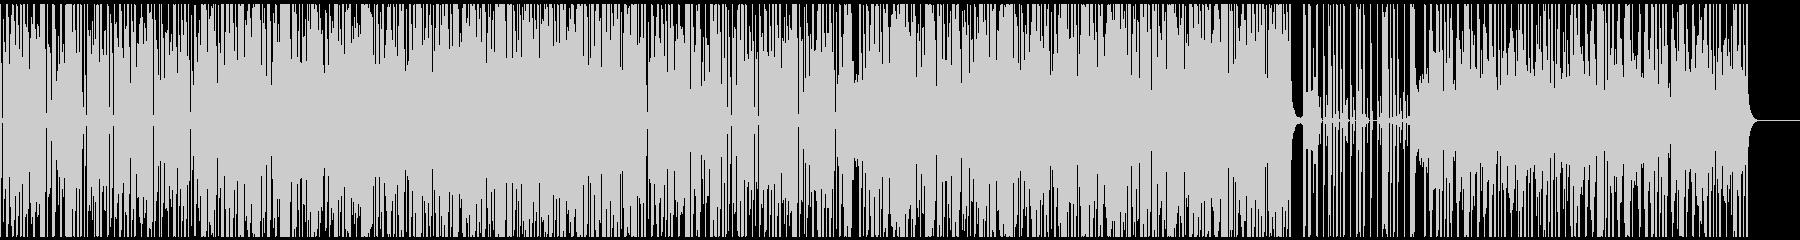 ファンキーなオルガンのクールなBGMの未再生の波形